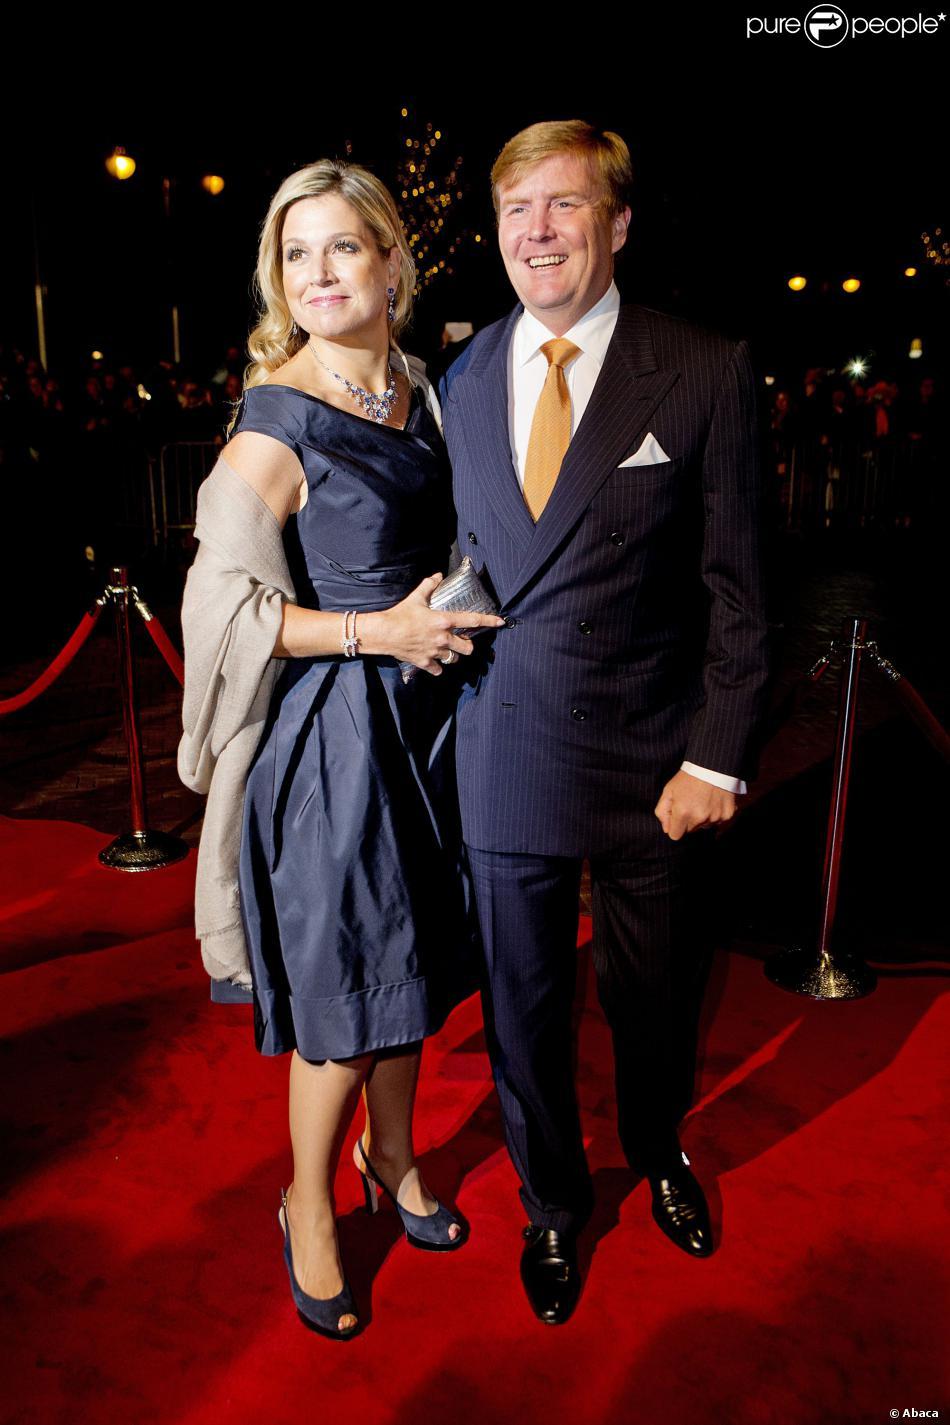 Le roi Willem-Alexander des Pays-Bas et la reine Maxima au concert marquant le lancement des célébrations des 200 ans du royaume des Pays-Bas, le 30 novembre 2013 au Théâtre Circus de Scheveningen (banlieue de La Haye).